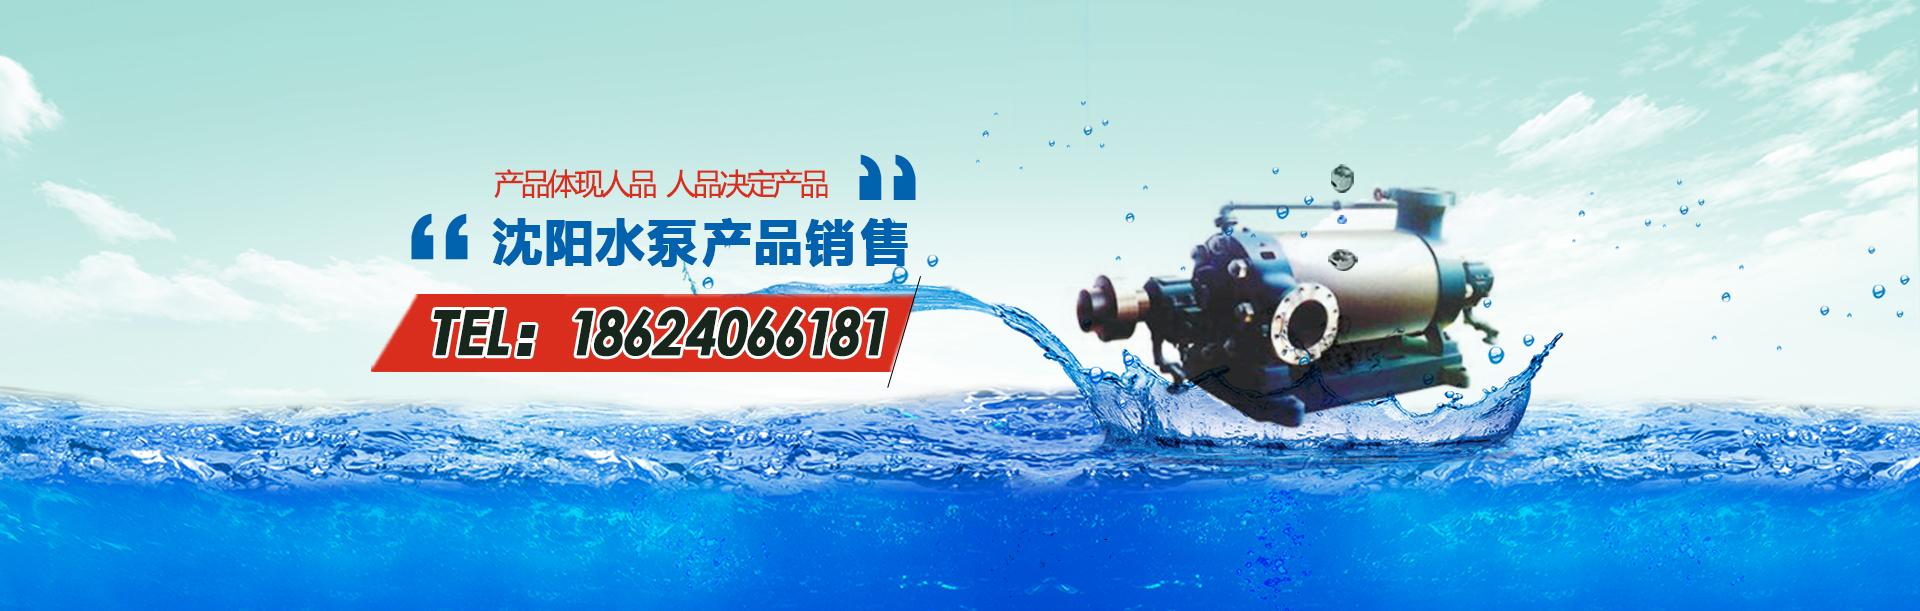 沈阳水泵厂家